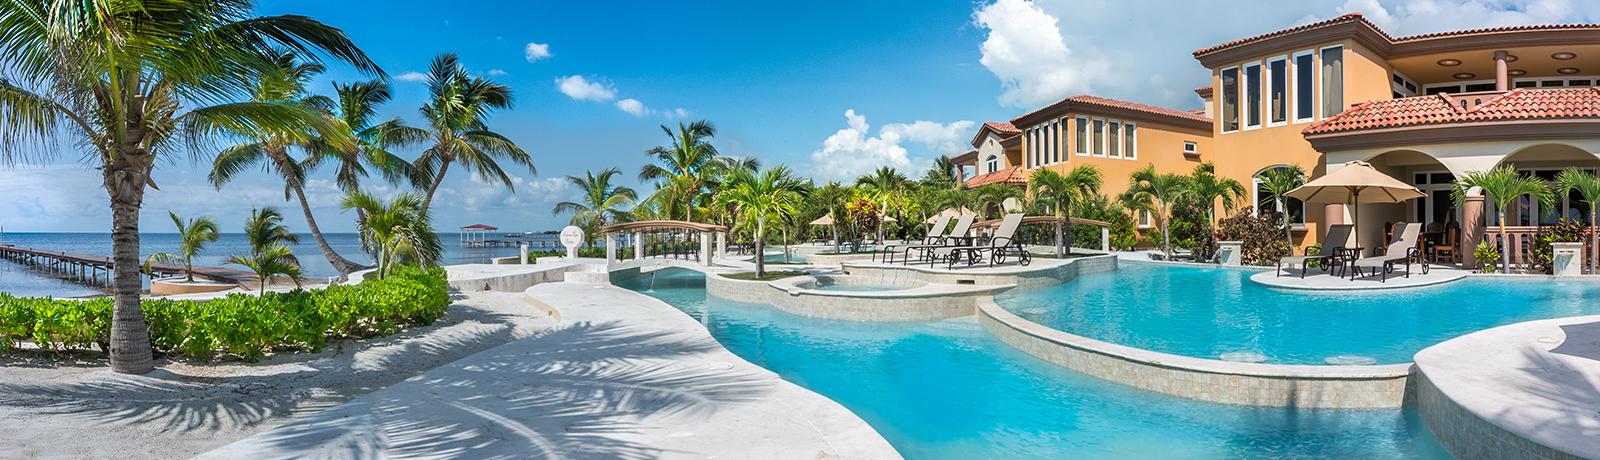 Belizean Cove Estates and Ocean